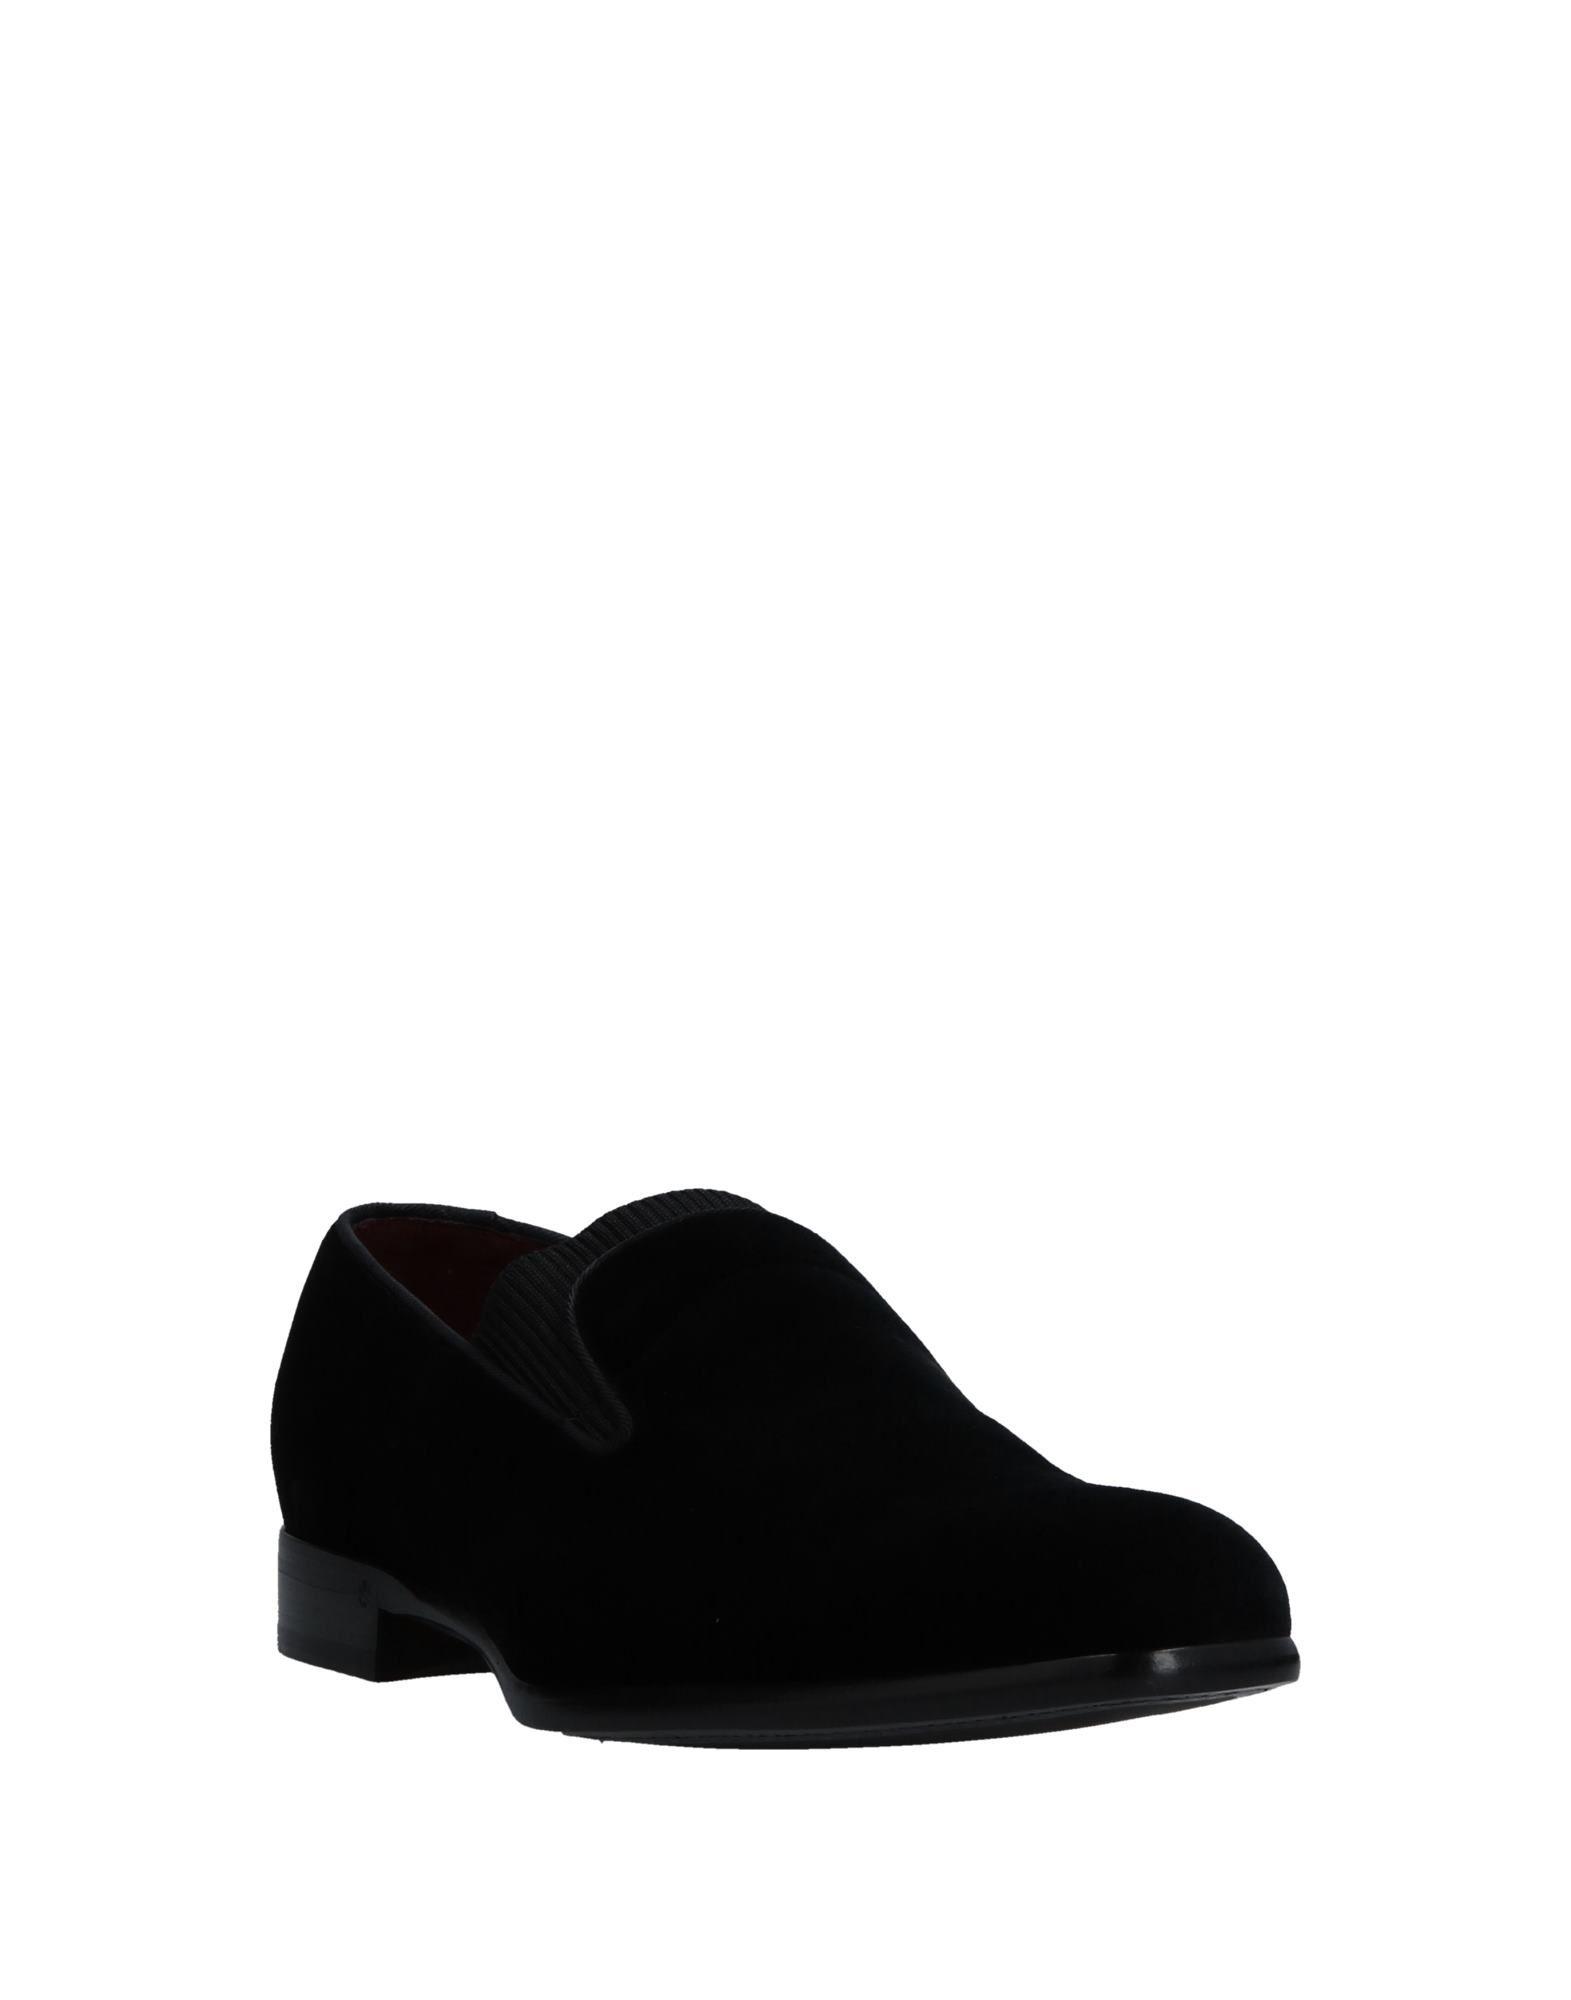 Dolce & Gabbana Gute Mokassins Herren  11519517RI Gute Gabbana Qualität beliebte Schuhe a8ab6e